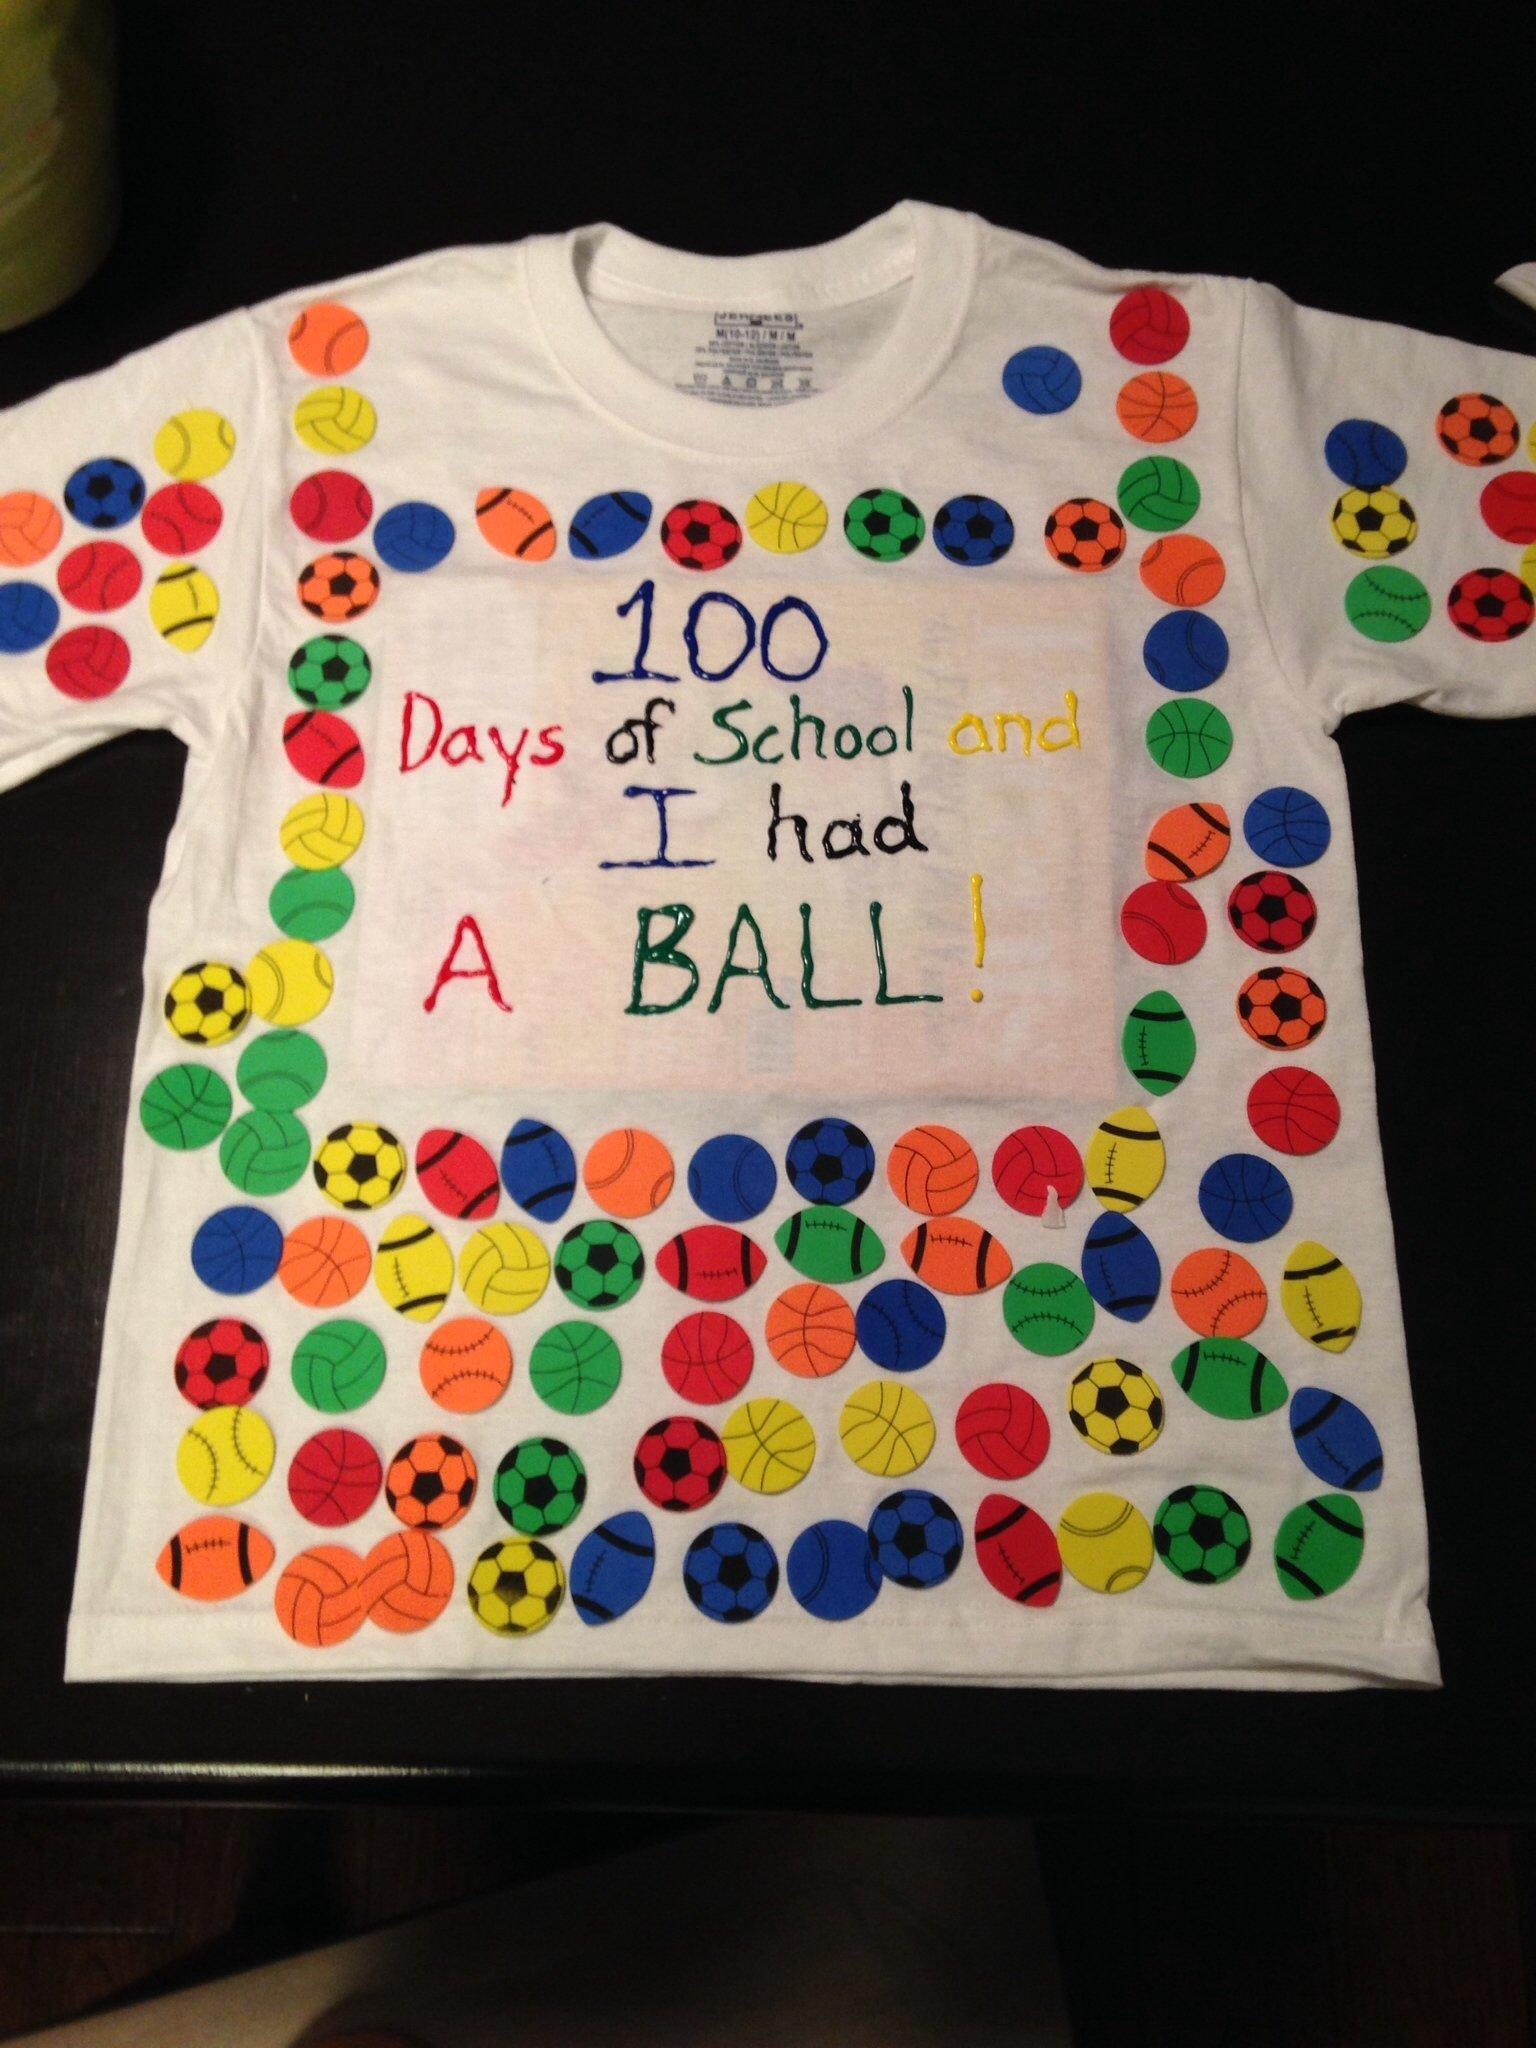 10 Wonderful 100 Day Of School Ideas For Kindergarten 100 day of school t shirt foam stickers school stuff pinterest 4 2020